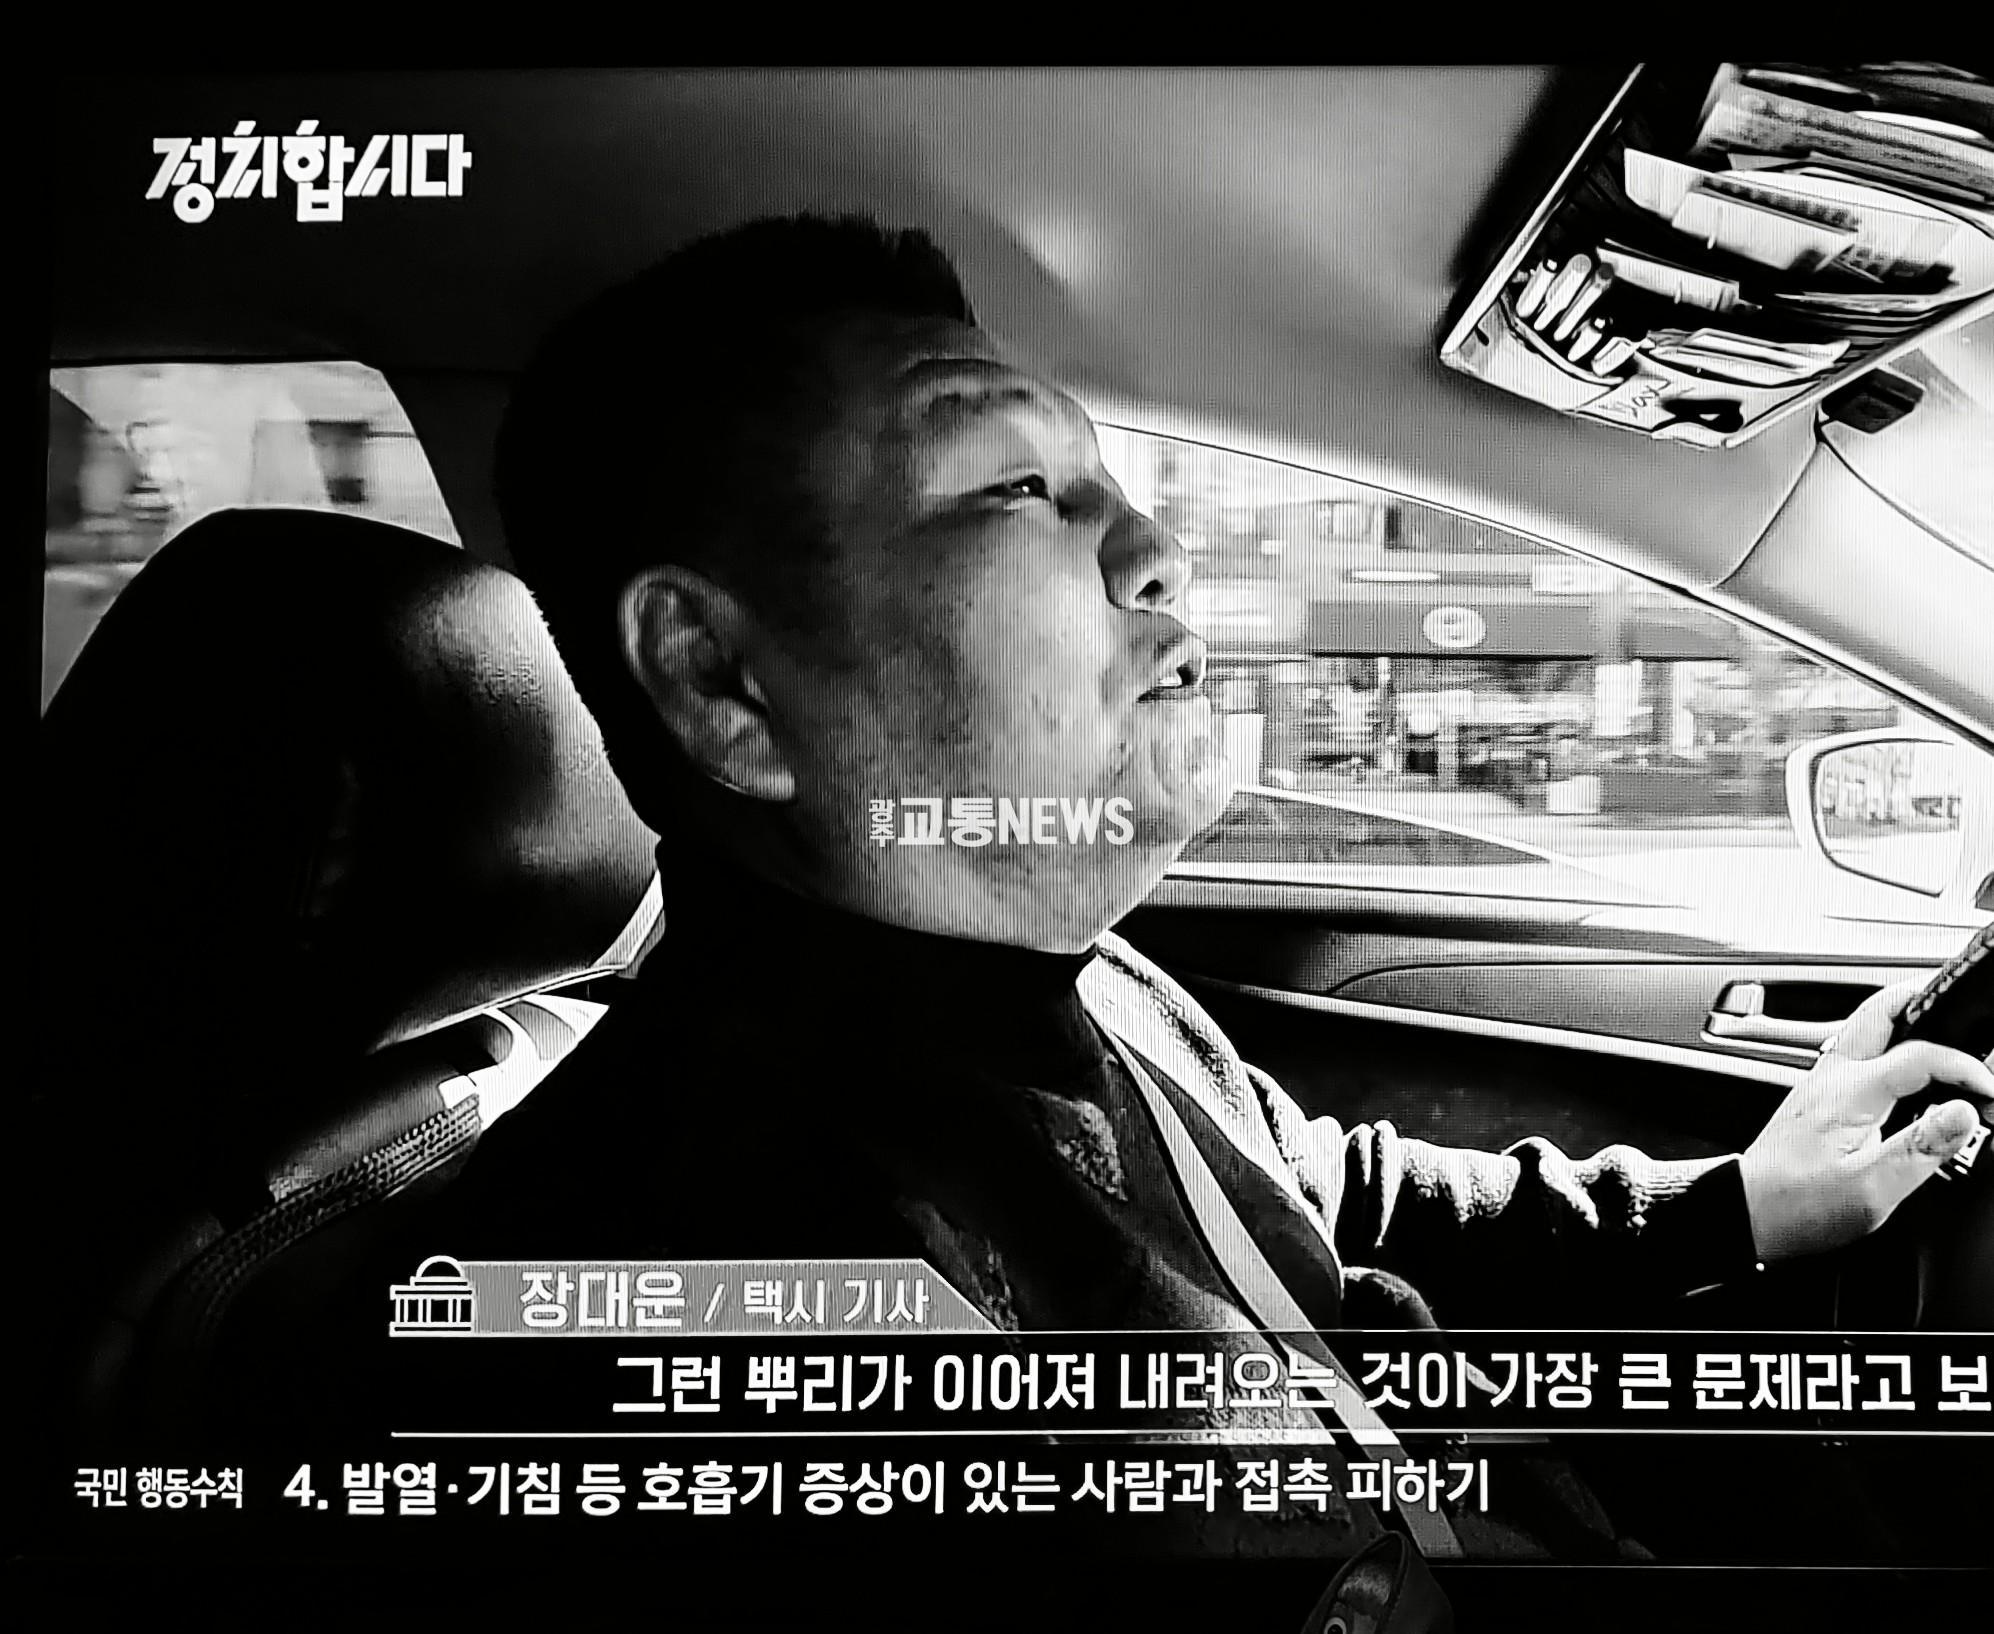 토크쇼 ! 정치합시다 !  이번 총선에서는 택시업계의 민심이 크게 작용할 것